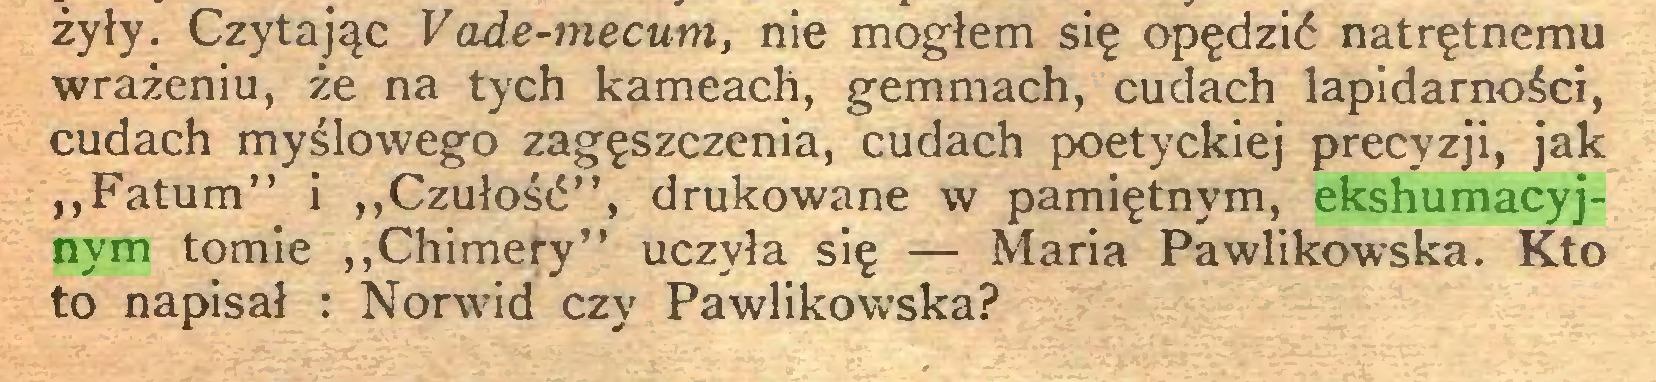 """(...) żyły. Czytając Vade-mecum, nie mogłem się opędzić natrętnemu wrażeniu, że na tych kameach, gemmach, cudach lapidarności, cudach myślowego zagęszczenia, cudach poetyckiej precyzji, jak """"Fatum"""" i """"Czułość"""", drukowane w pamiętnym, ekshumacyjnym tomie """"Chimery"""" uczyła się — Maria Pawlikowska. Kto to napisał : Norwid czy Pawlikowska?..."""